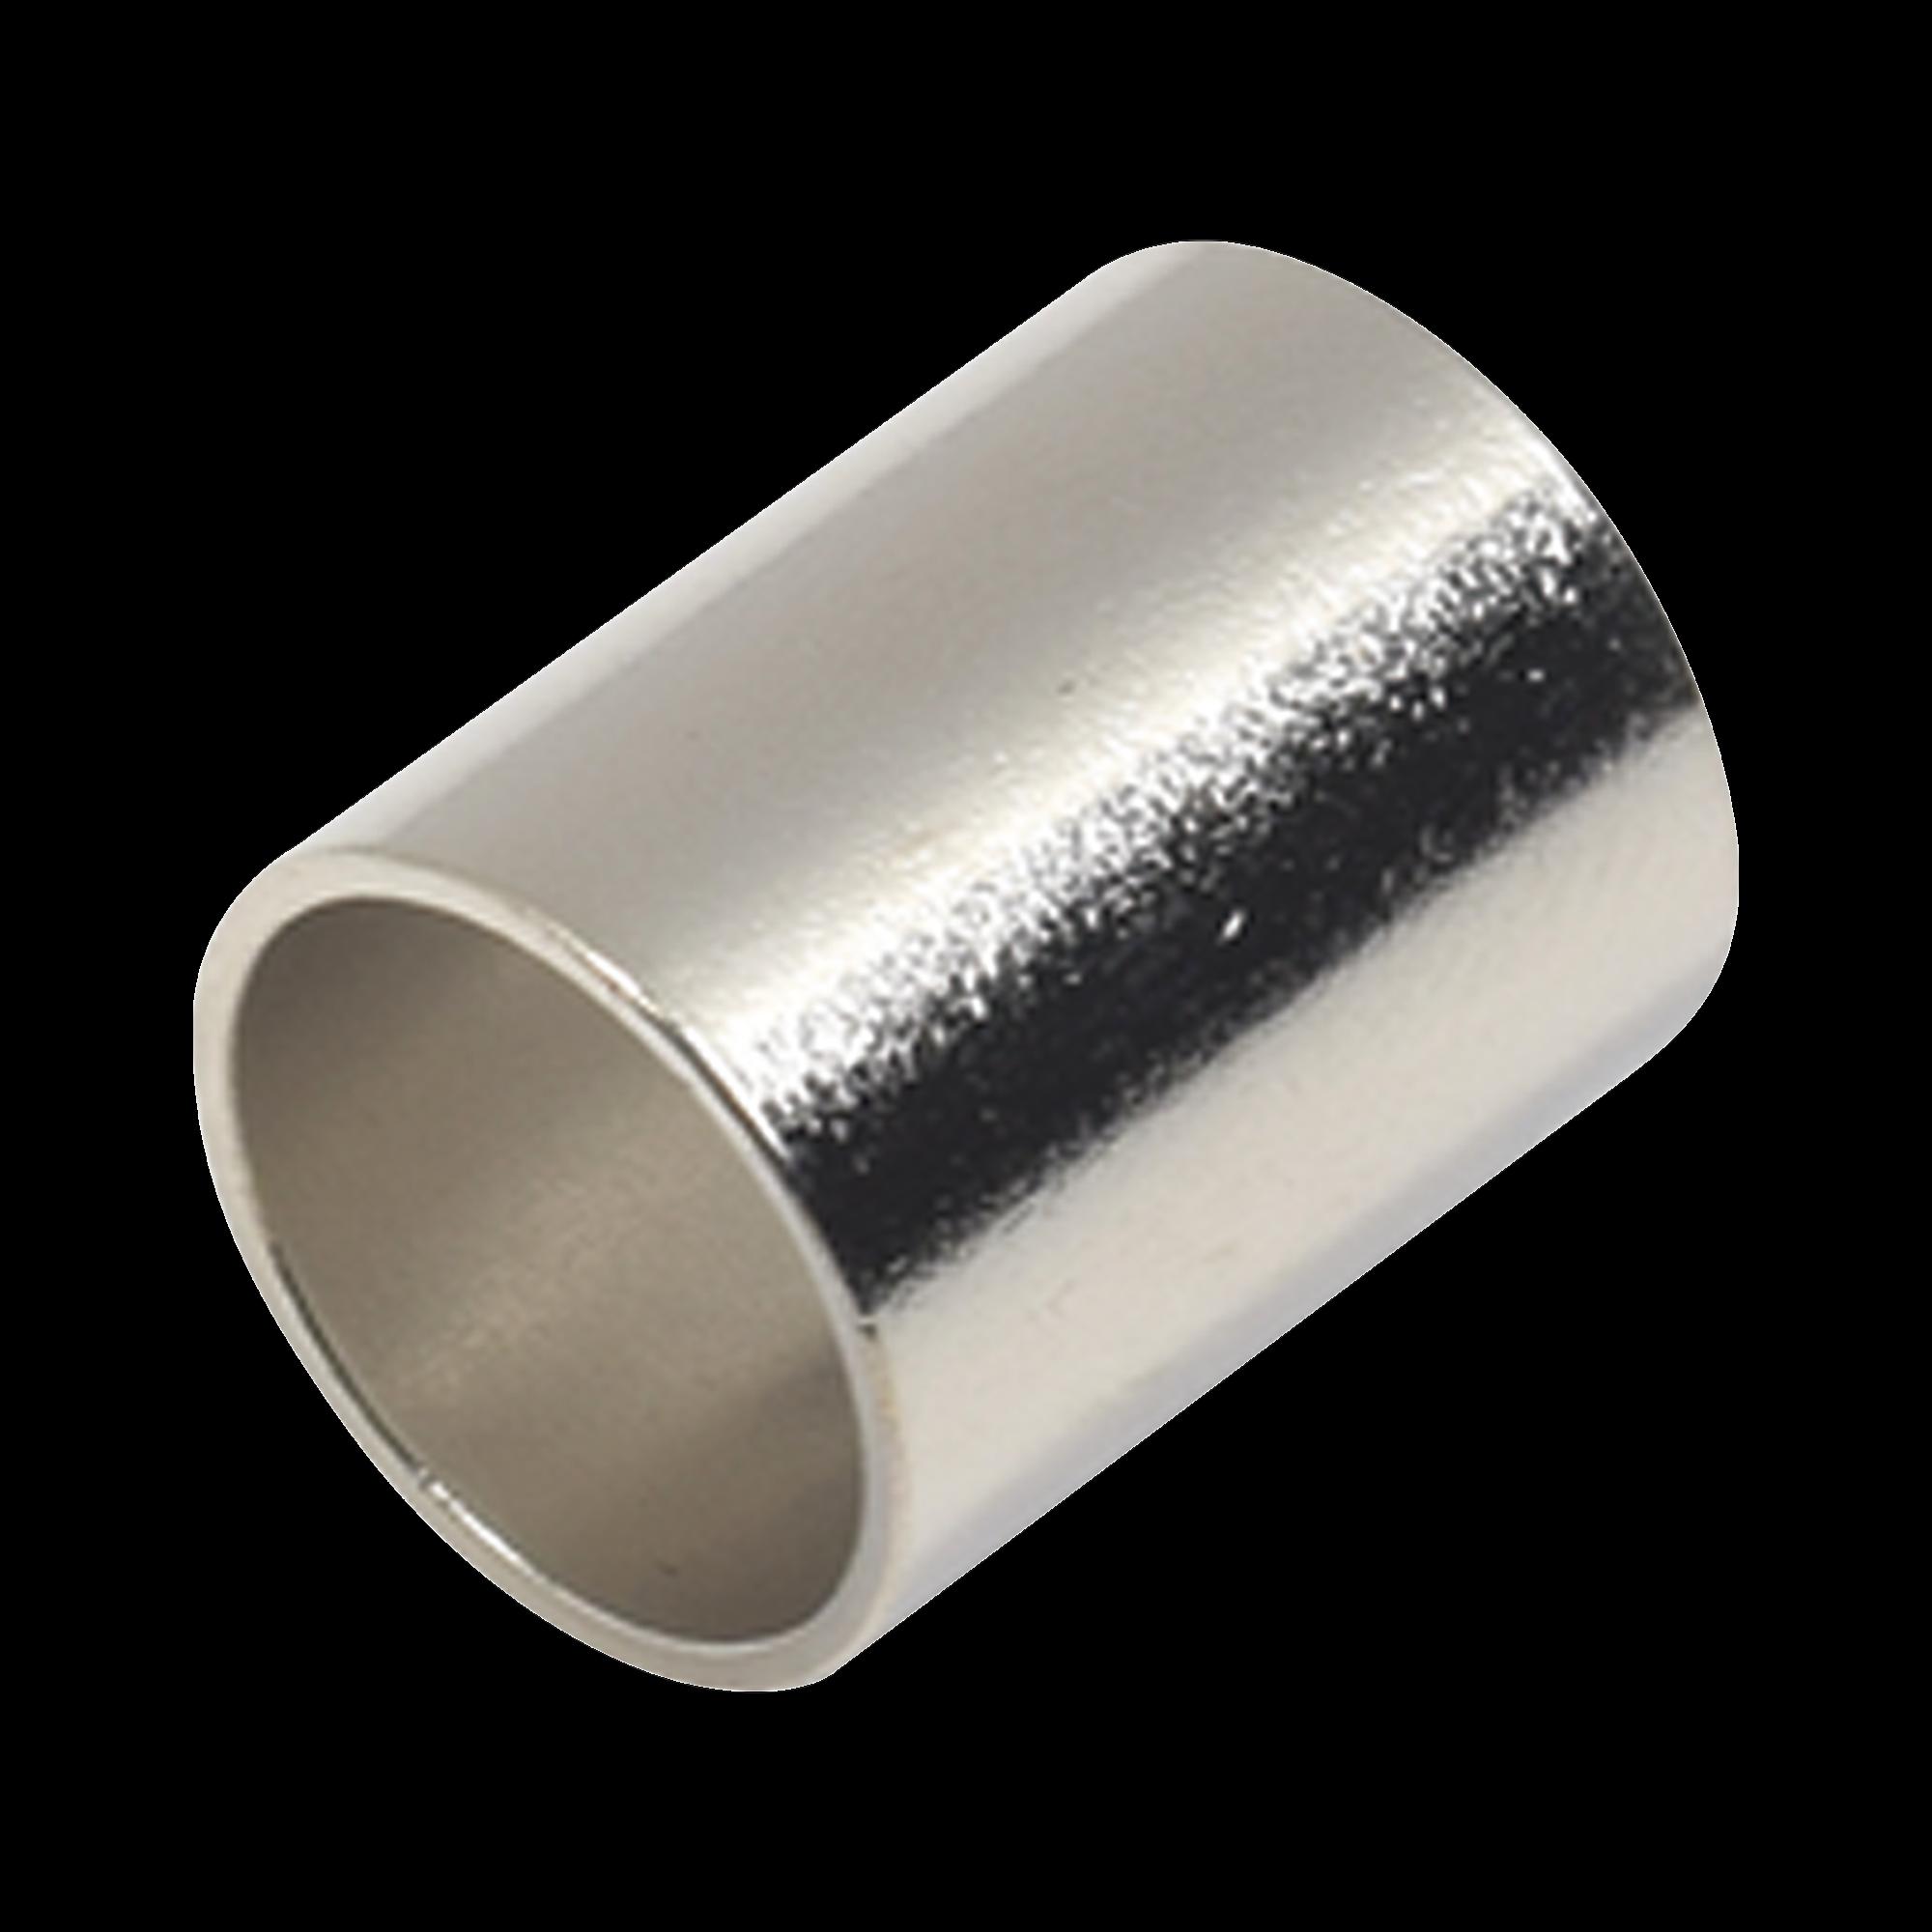 Férula-Casquillo en Chapa de Plata para Plegar en Cables del Grupo E, I como RG-8/U, RG-213/U, LMR-400.